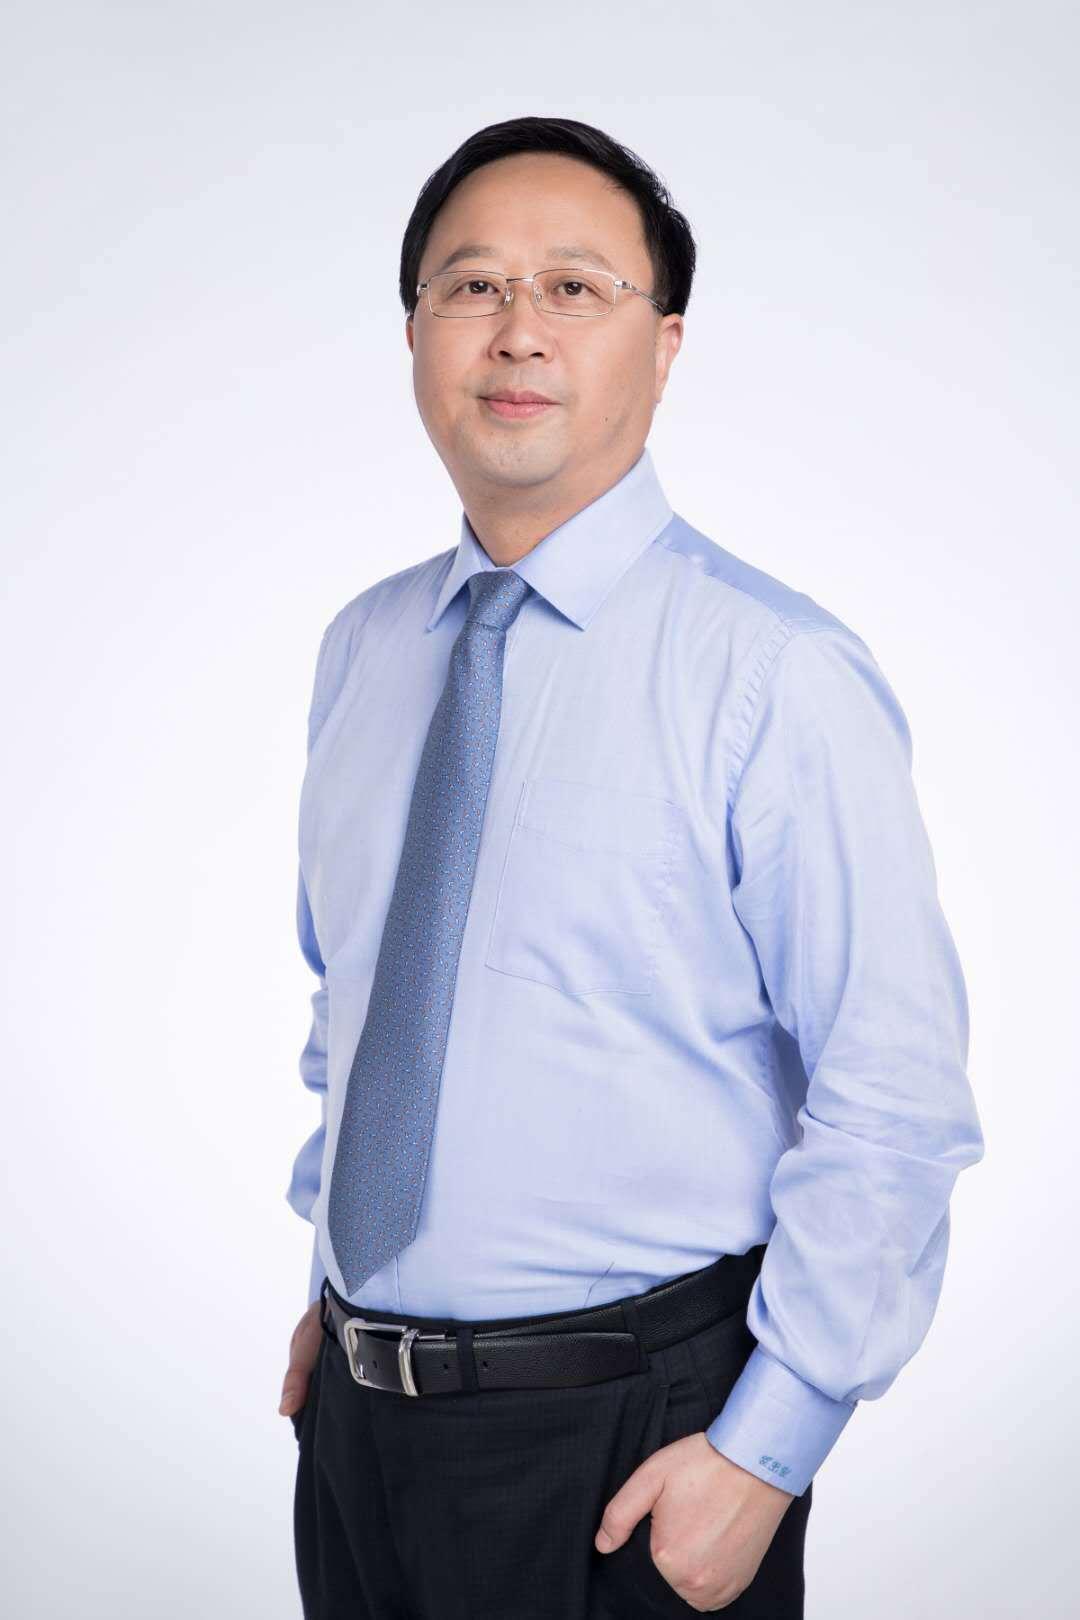 登科一年|专访博时基金董事长:科创板应继续侧重硬科技